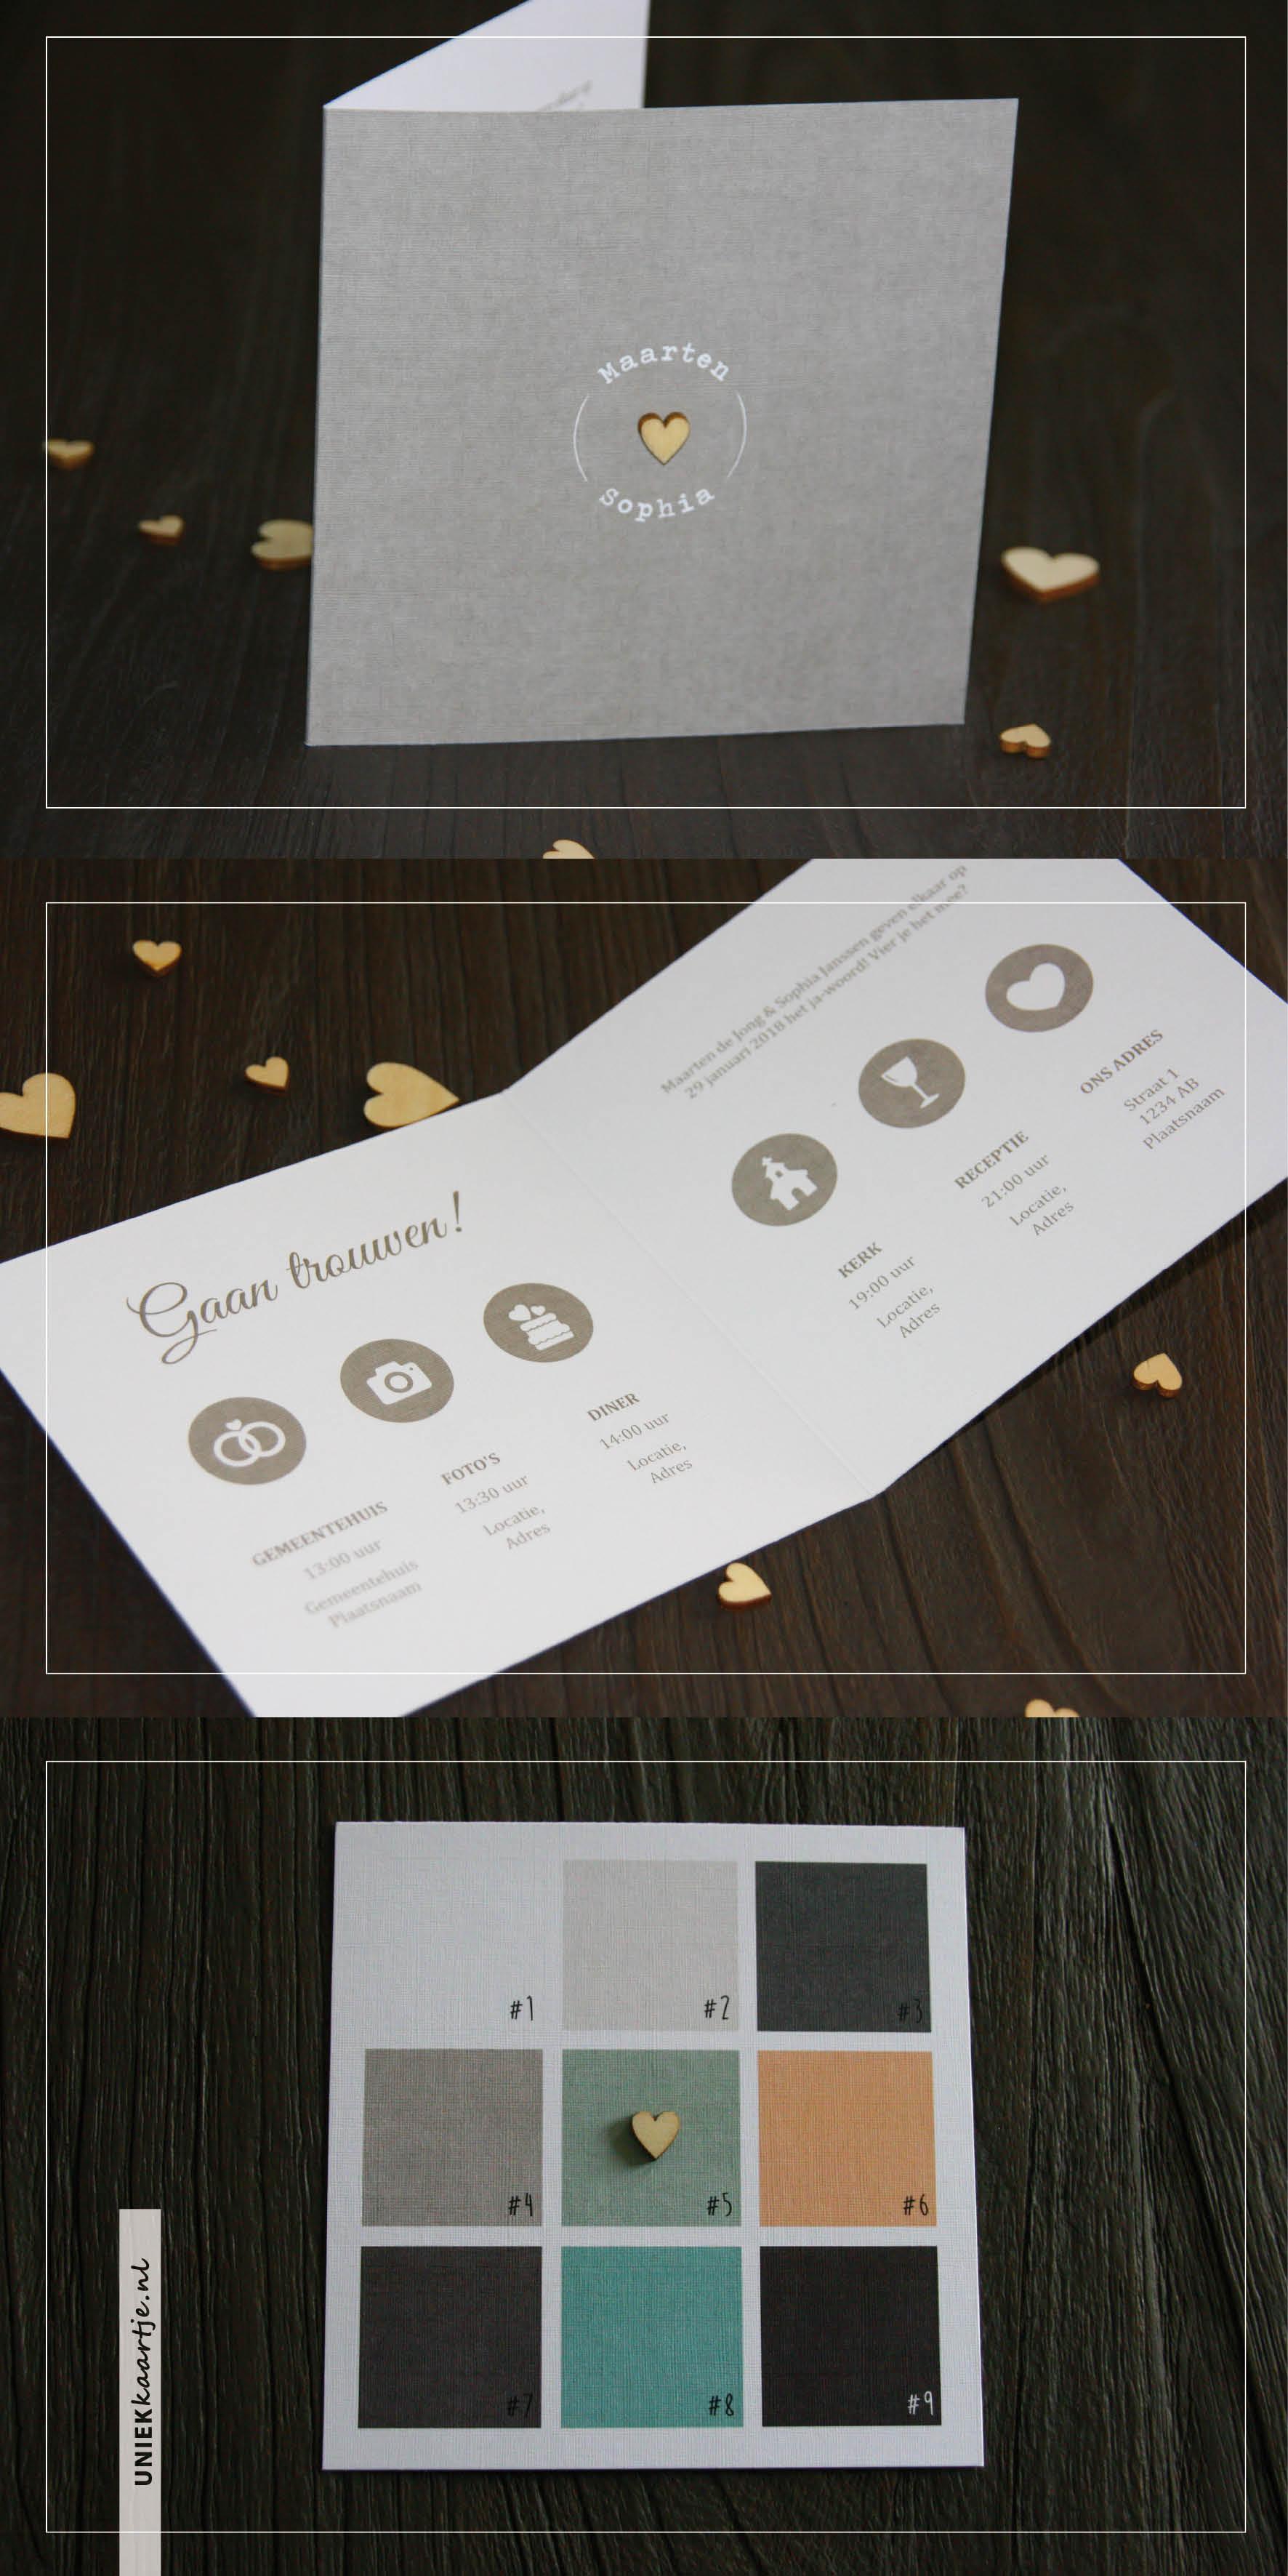 Trouwkaart met hartje van hout - linnen - kleuk - strak - modern - stoer - liefde